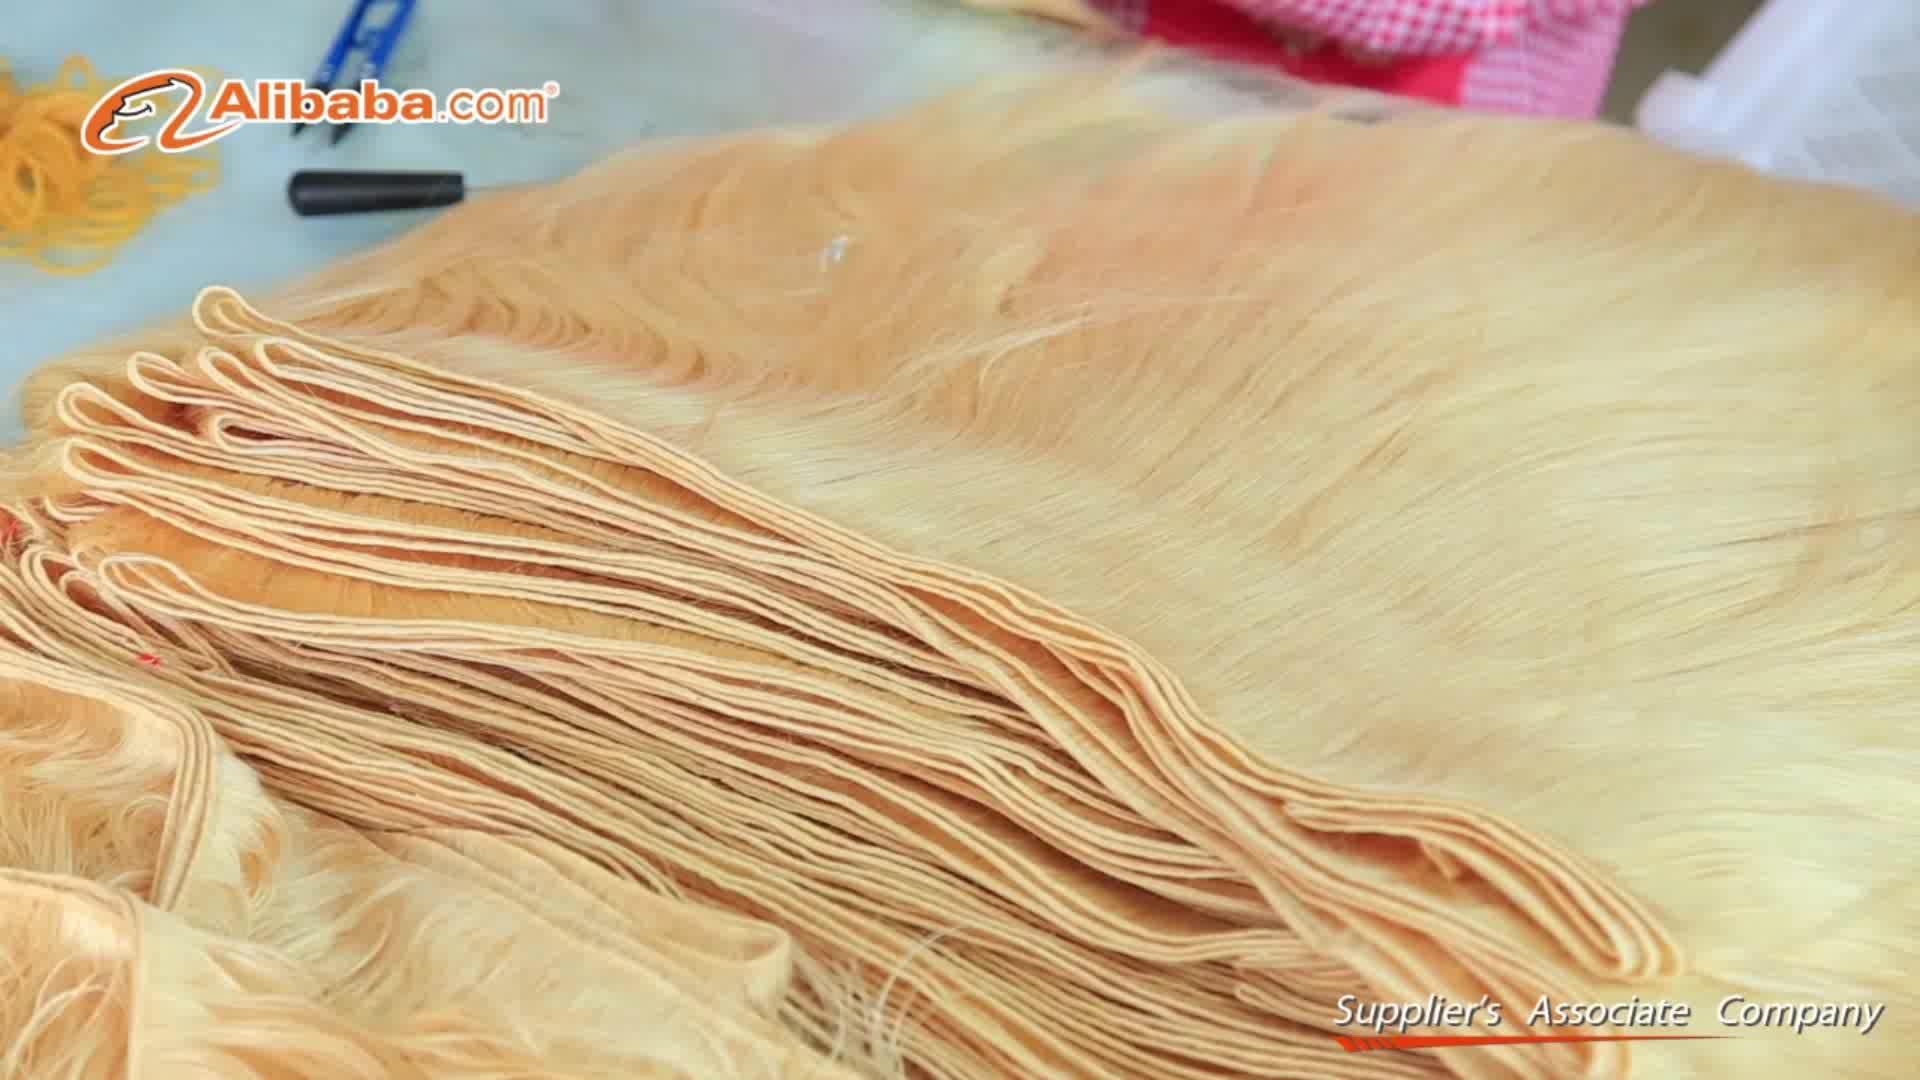 613 Nertsen Onbewerkte Maagd Haar Leveranciers, Menselijk Haar Weave Nertsen Braziliaanse Haar, 10A Haar Bundels Human Hair Extension